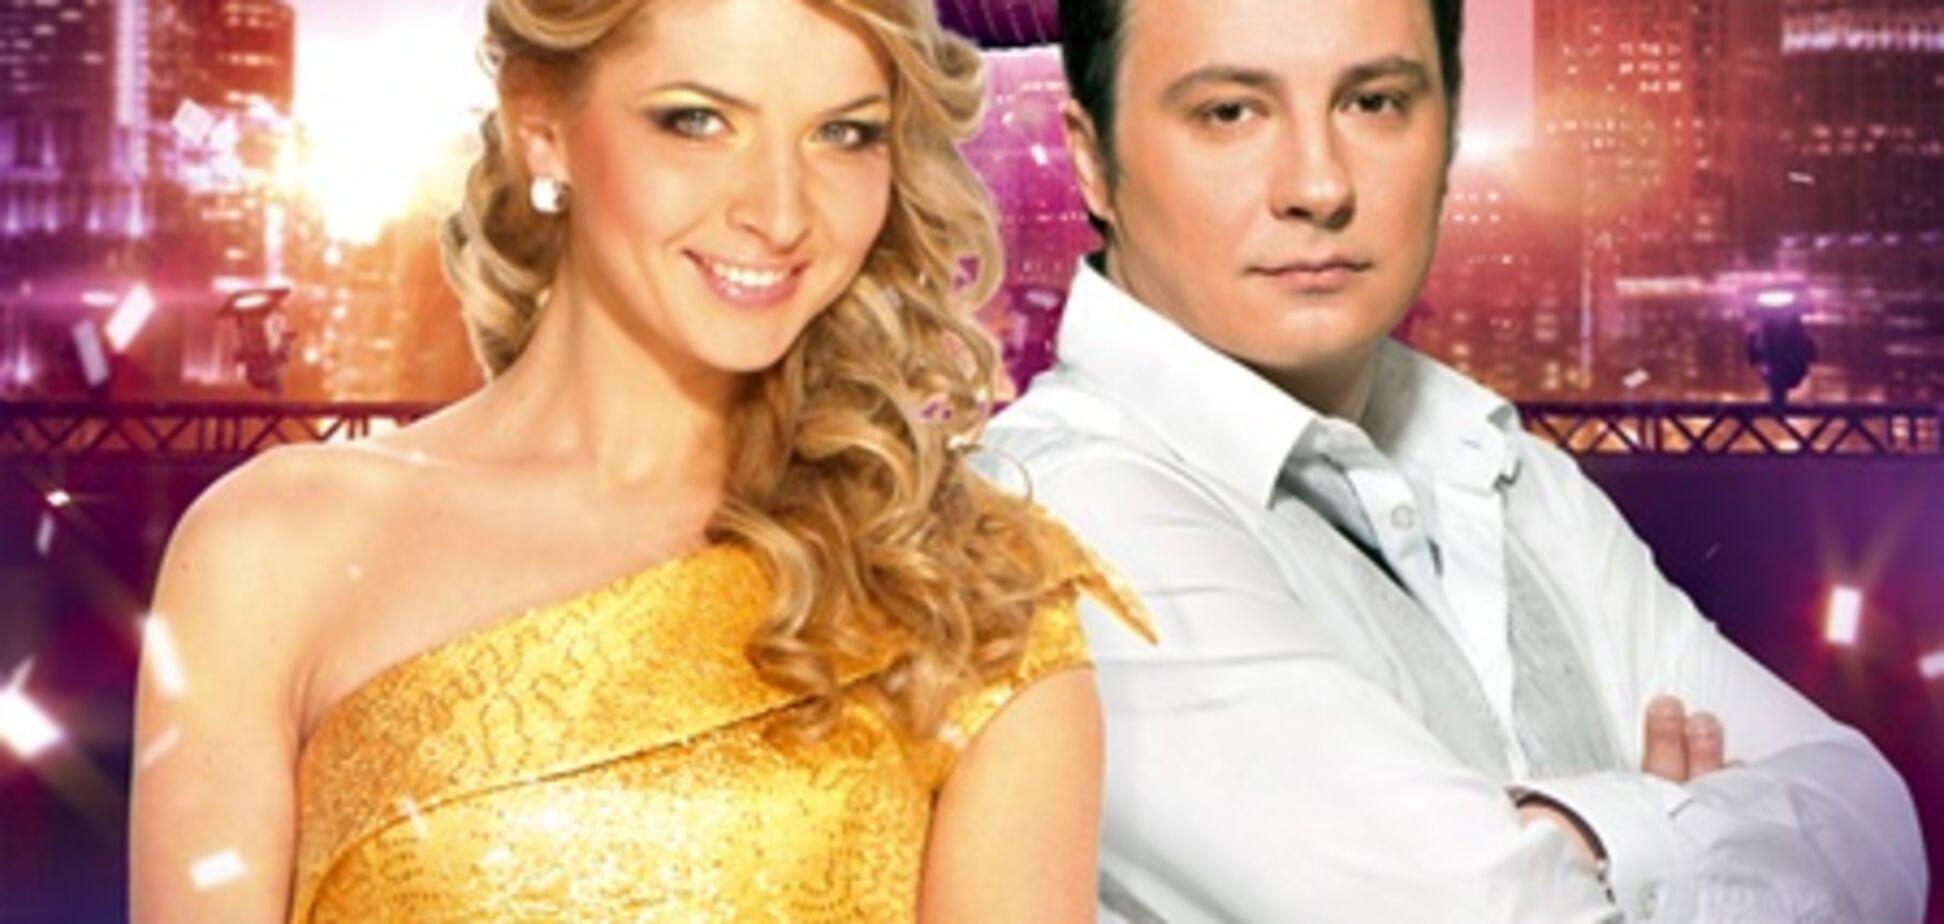 'Танці з зірками': незграбні 'колоди' нового шоу